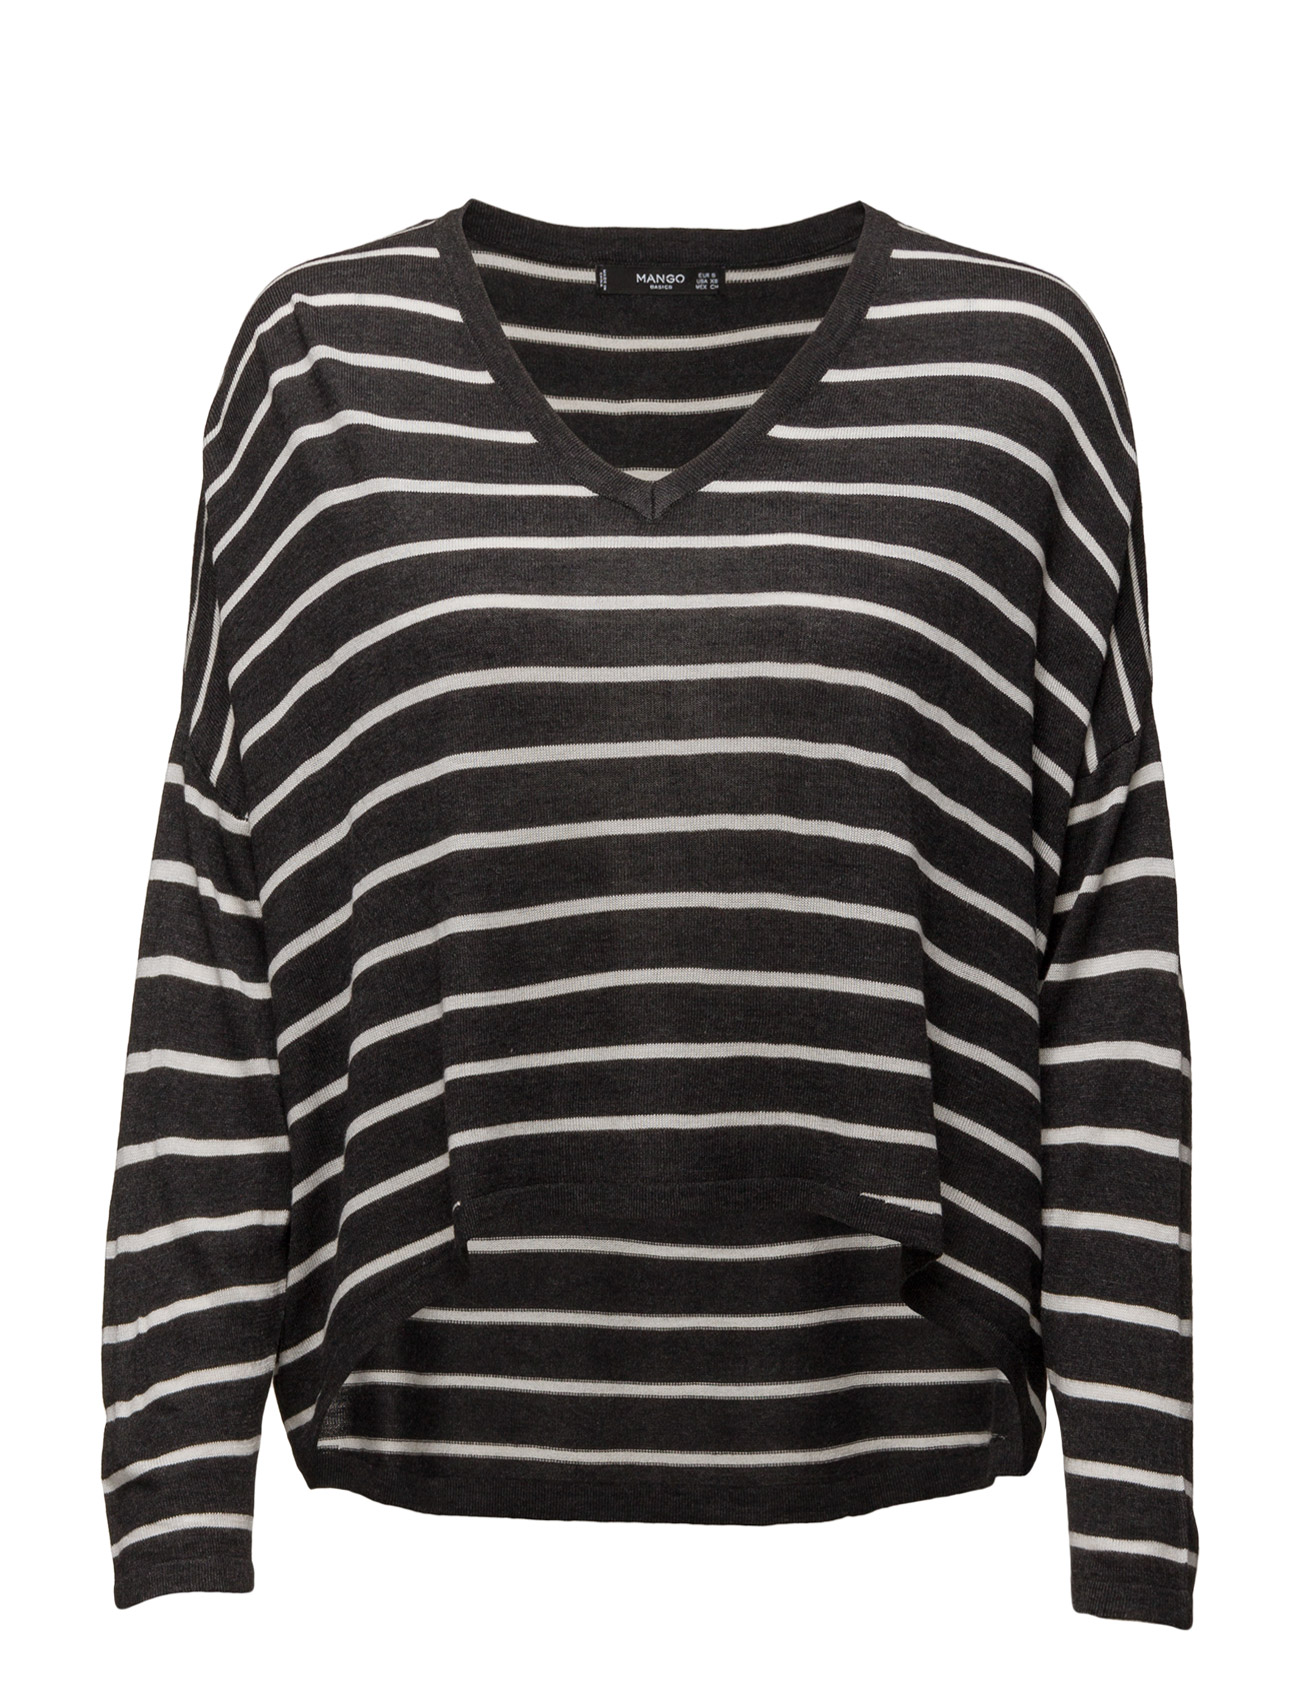 Stripe Pattern Sweater Mango Sweatshirts til Kvinder i Mørkegrå